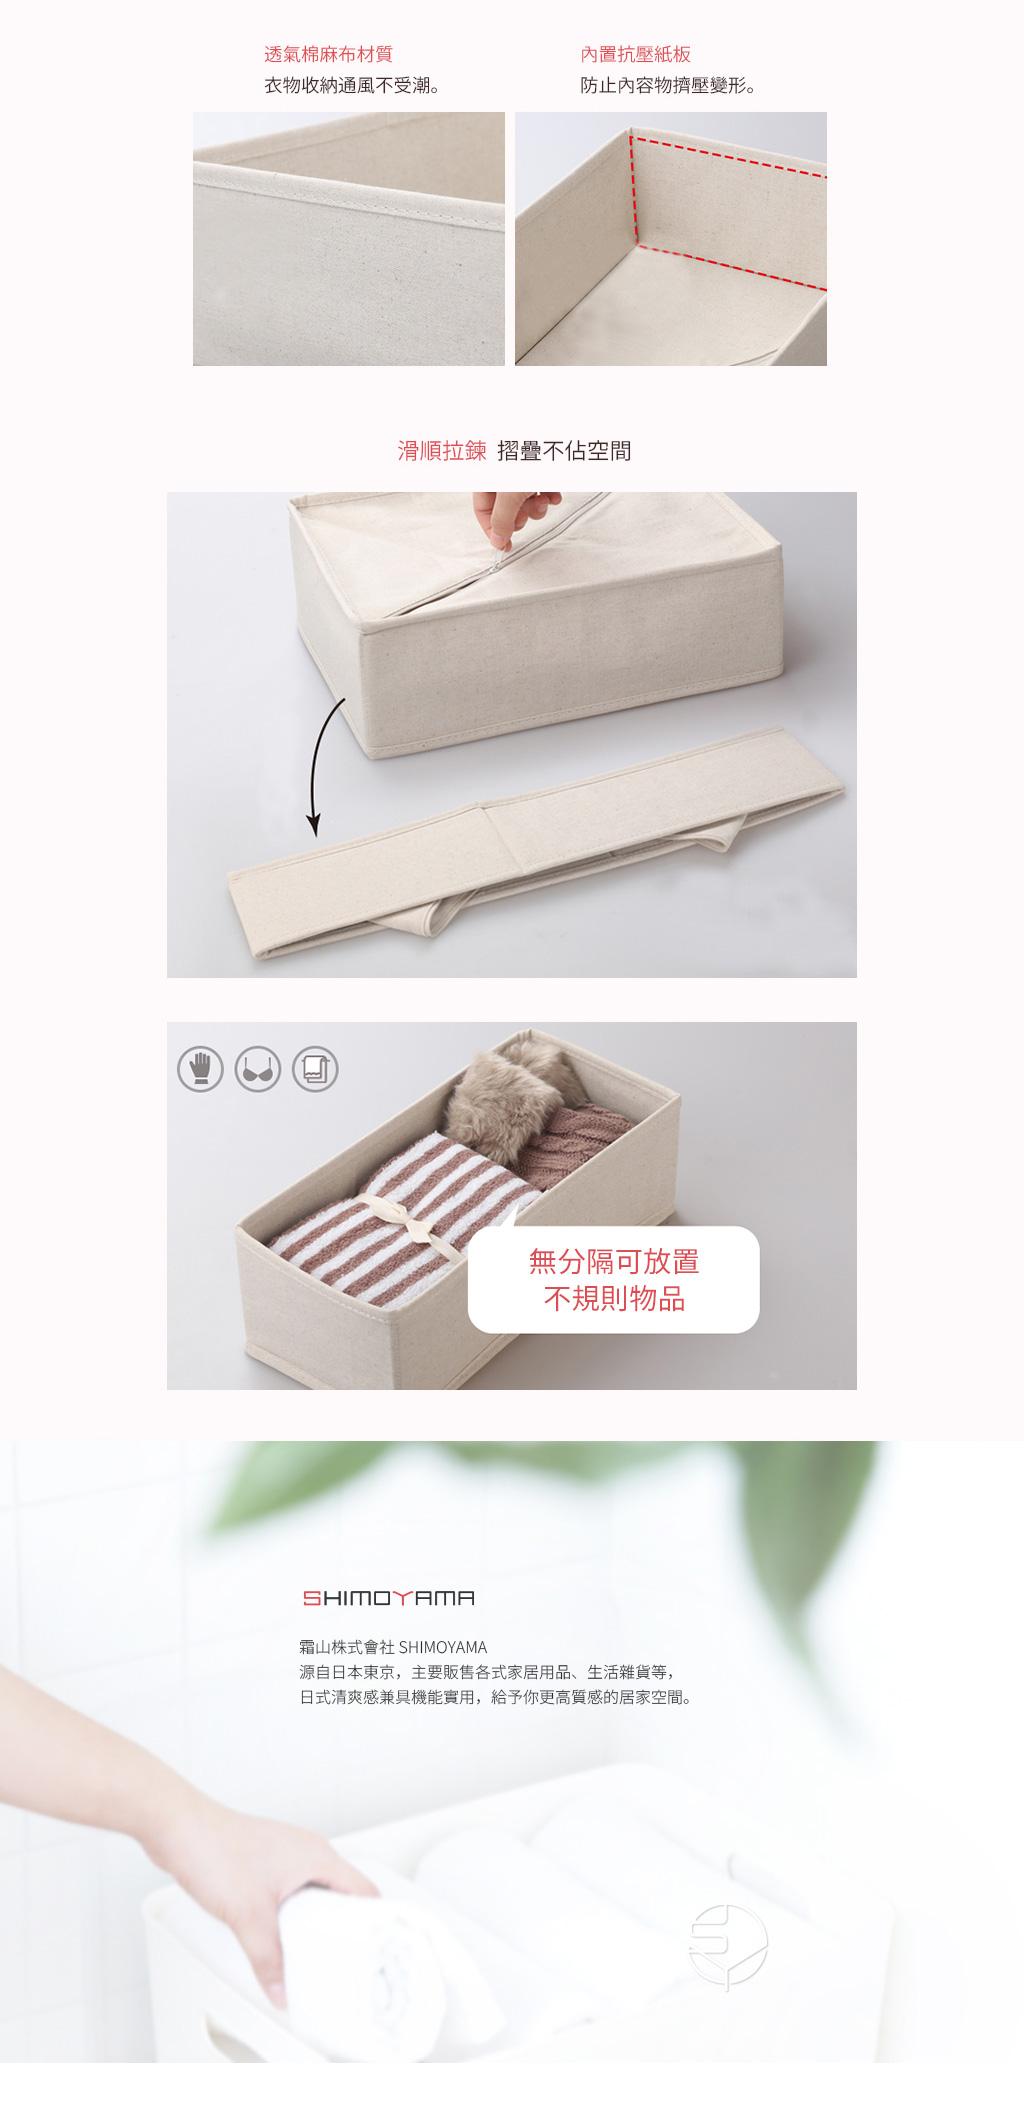 日本霜山 衣櫃抽屜用單格分類收納布盒 (面寬15cm) 2入